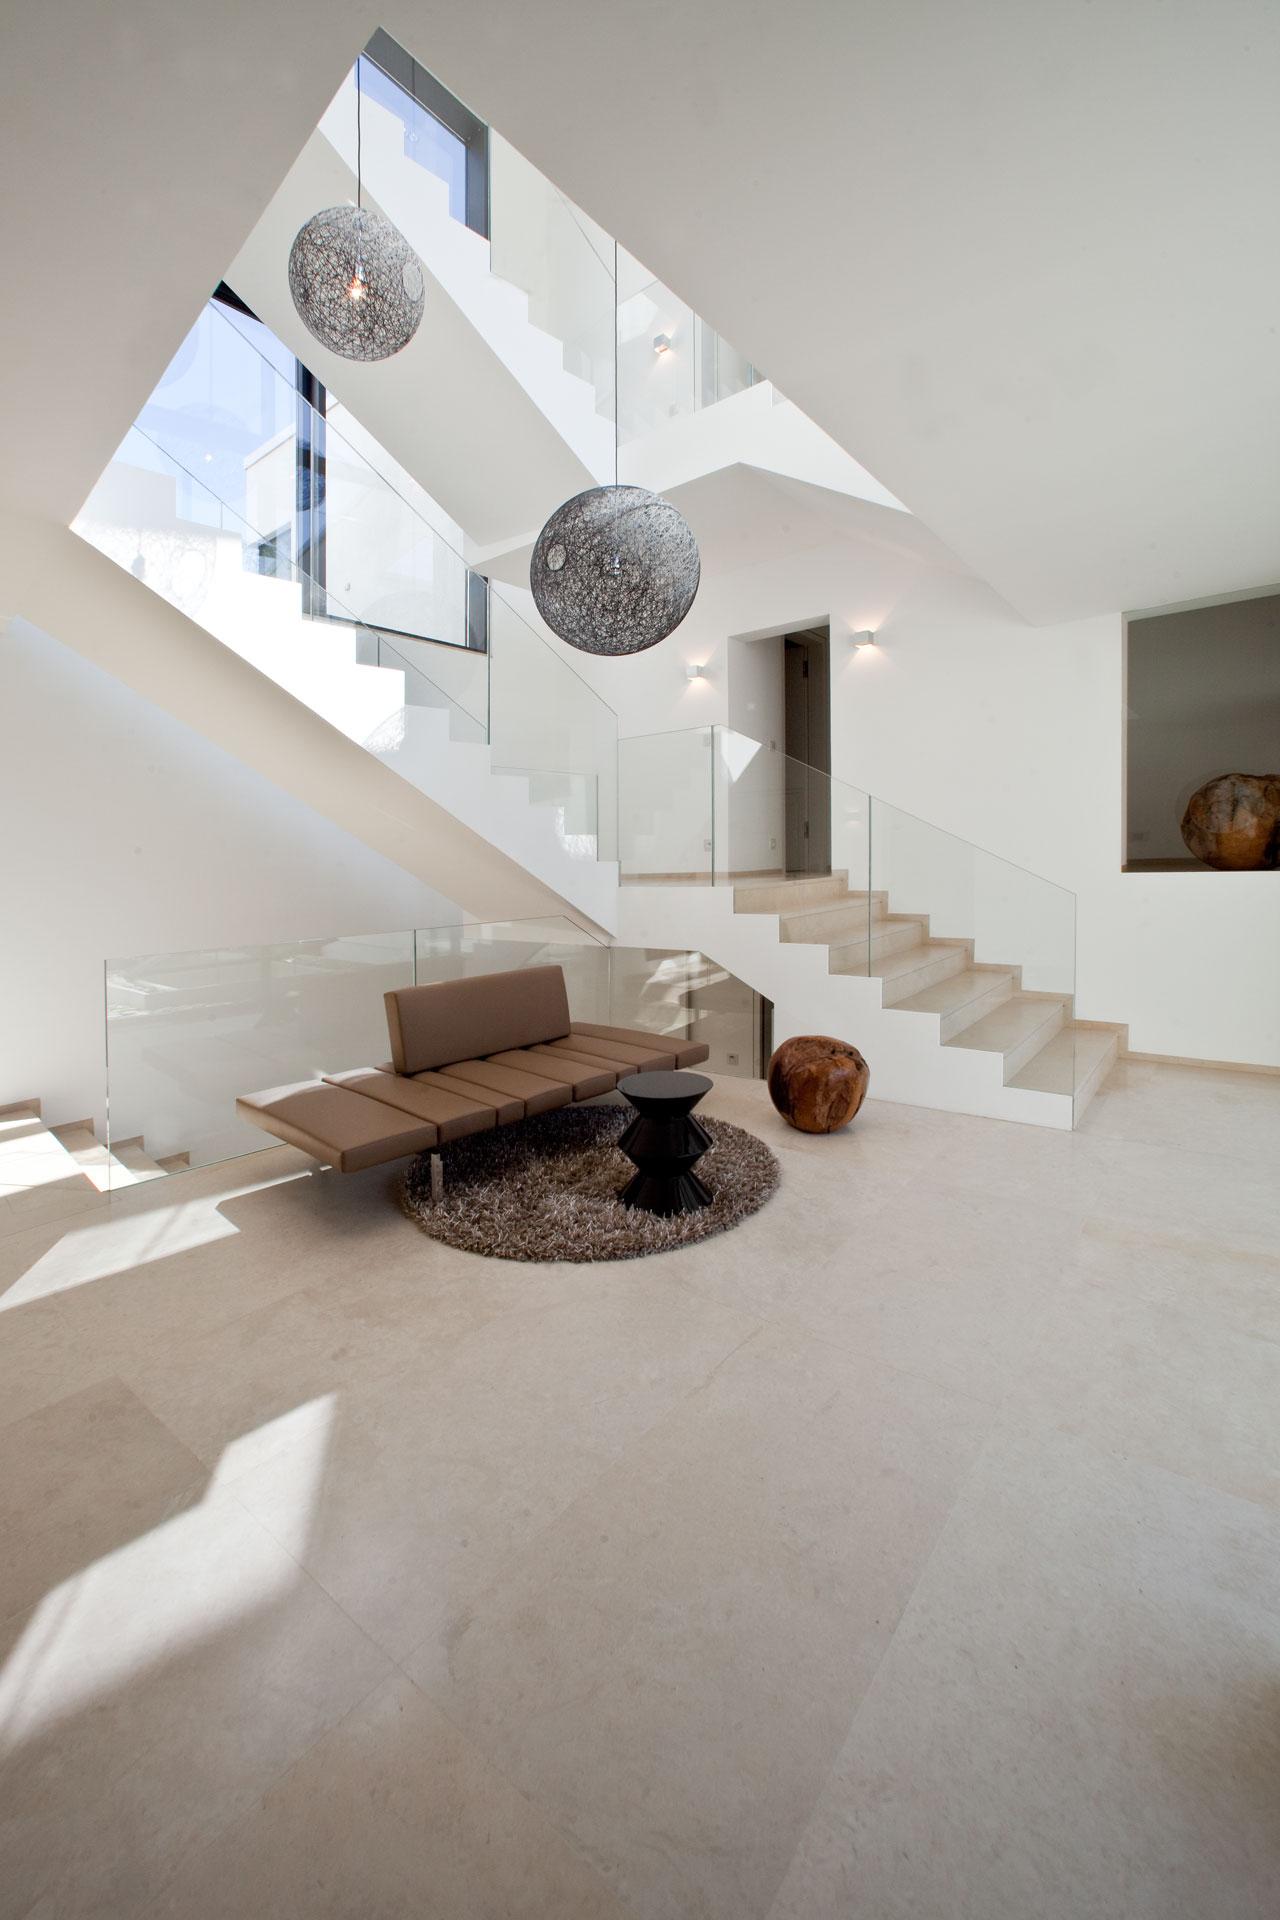 marmor_radermacher_naturstein_treppe_bodenbelage_kalkstein_thalla_beige_villa